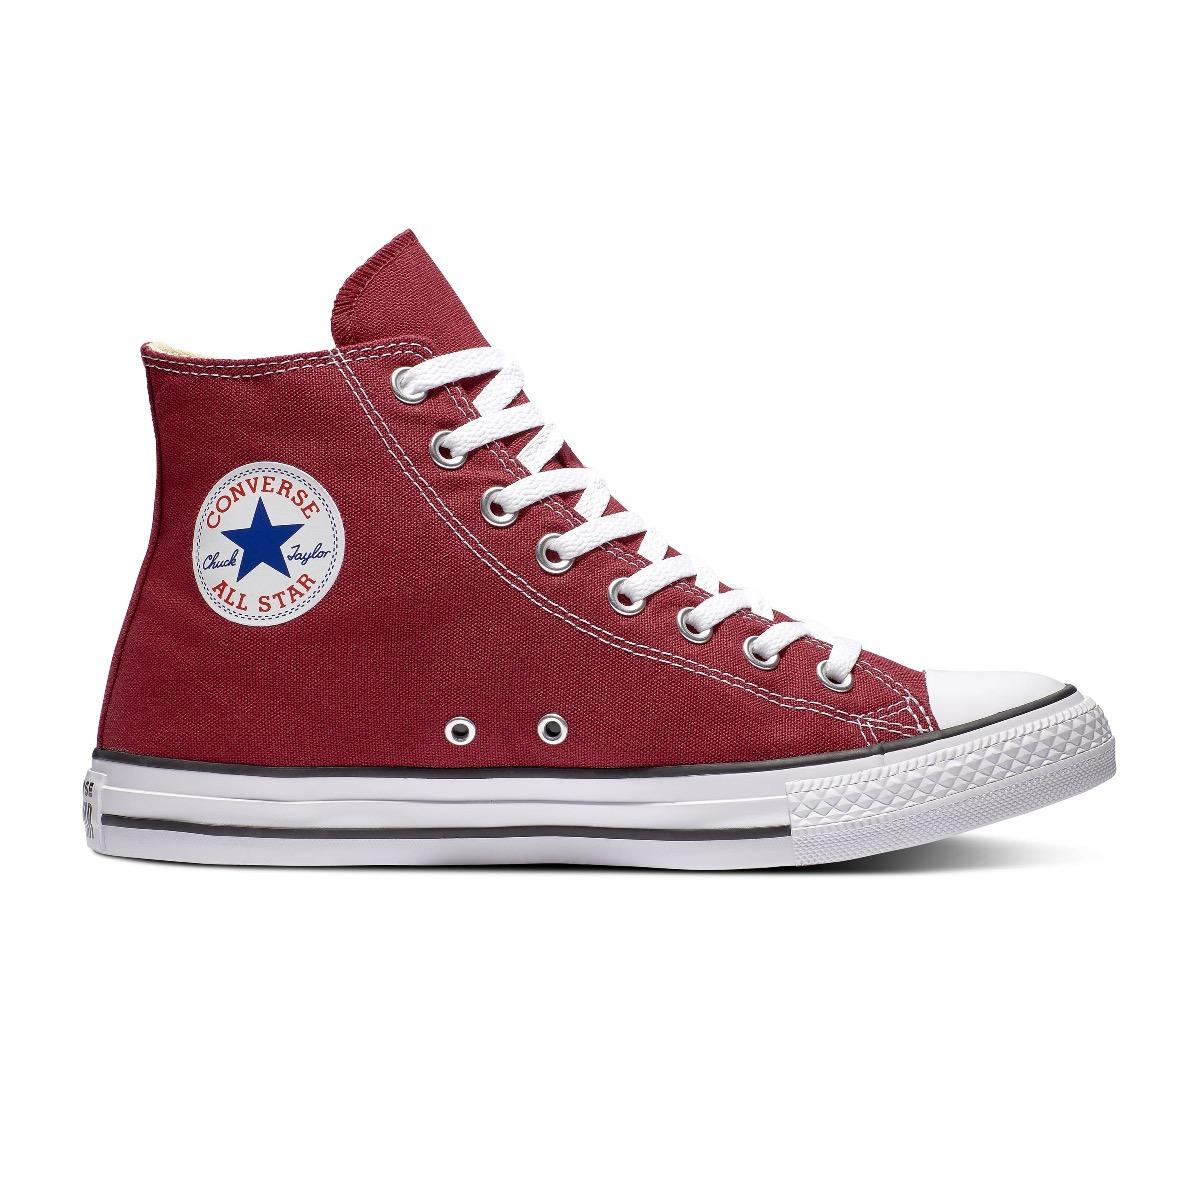 Converse All Stars Hoog Bordeaux Rood maat 44.5